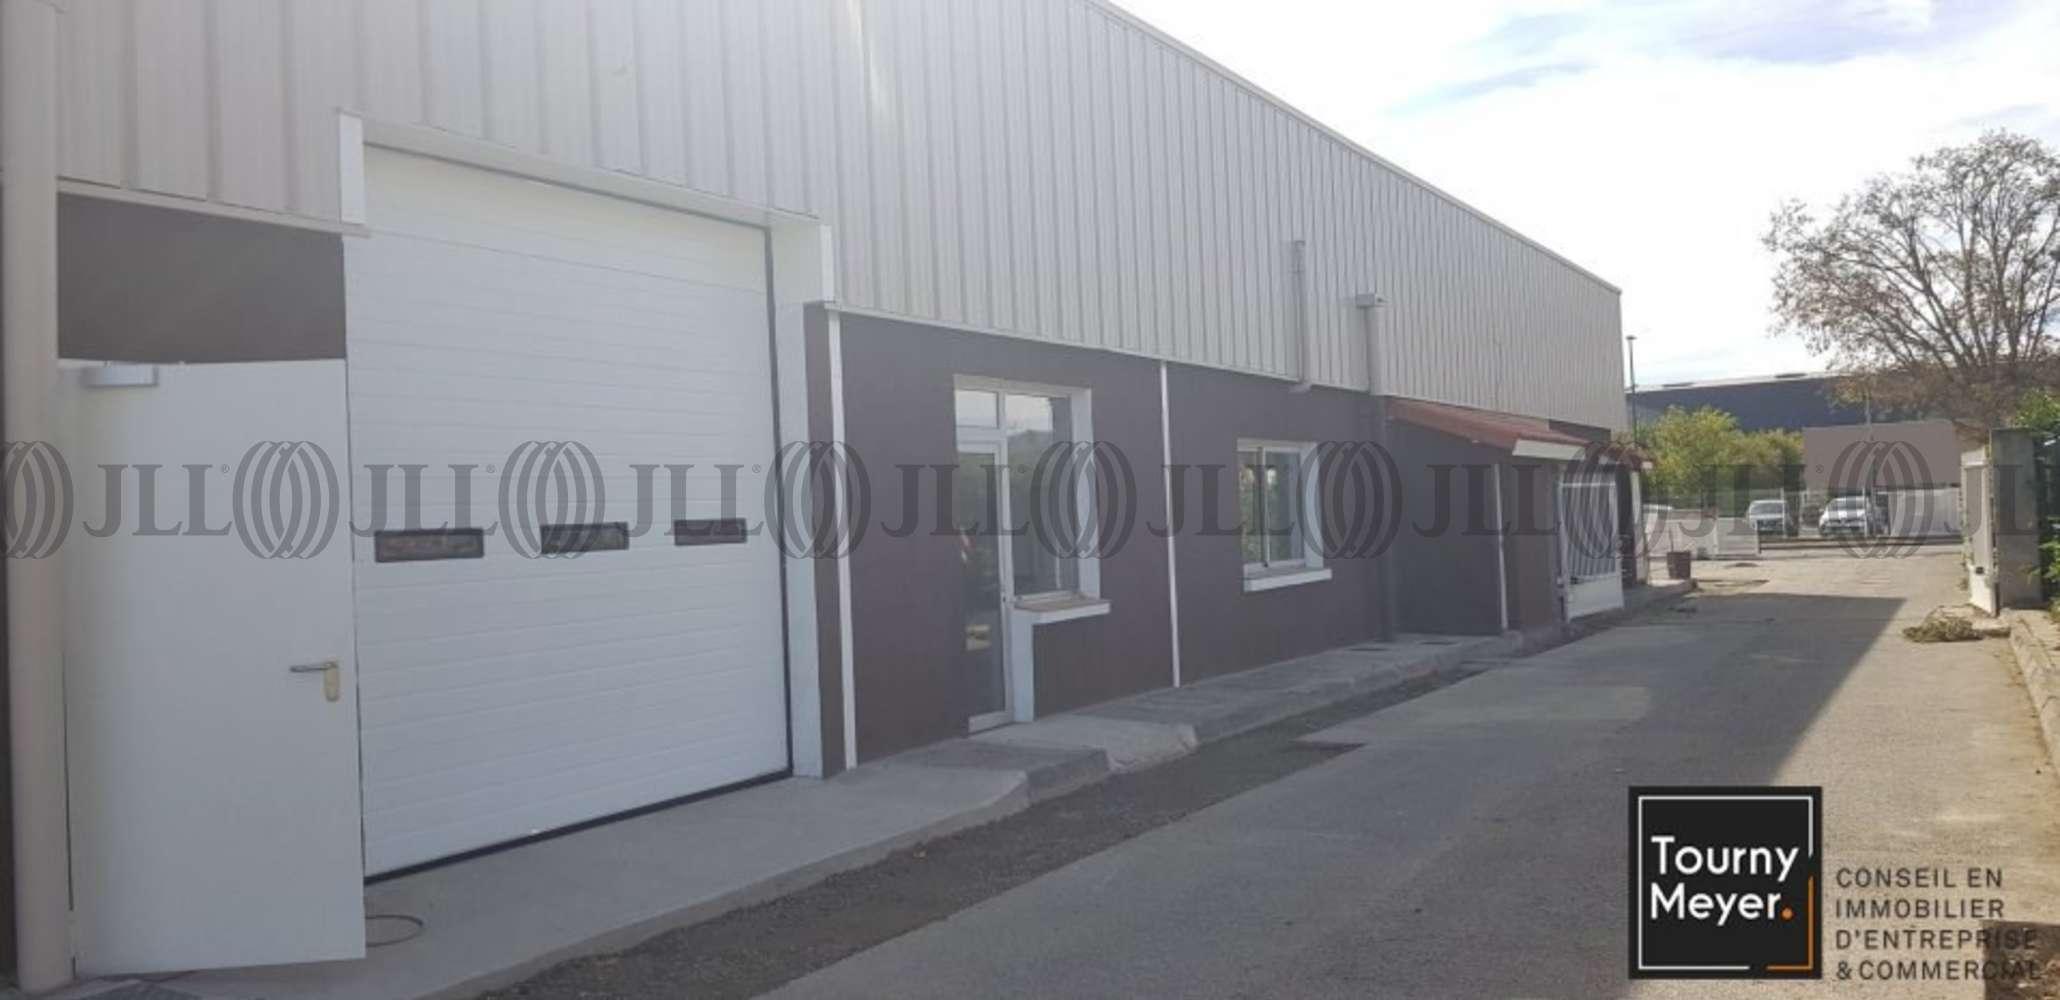 Activités/entrepôt Toulouse, 31100 - 3 RUE HENRI MAYER - 10871182